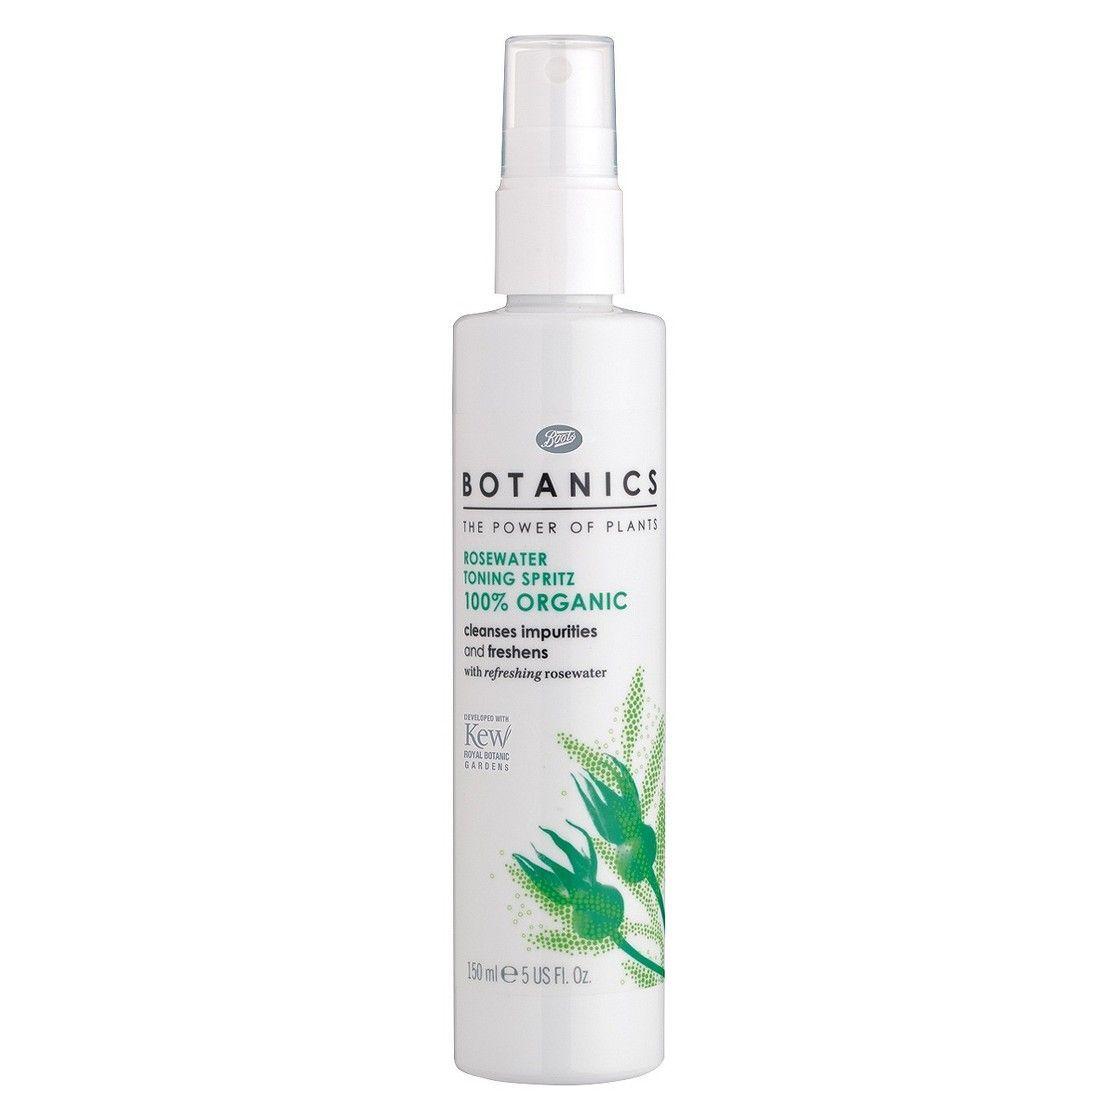 Botanics - Organic Face Rosewater Toning Spritz